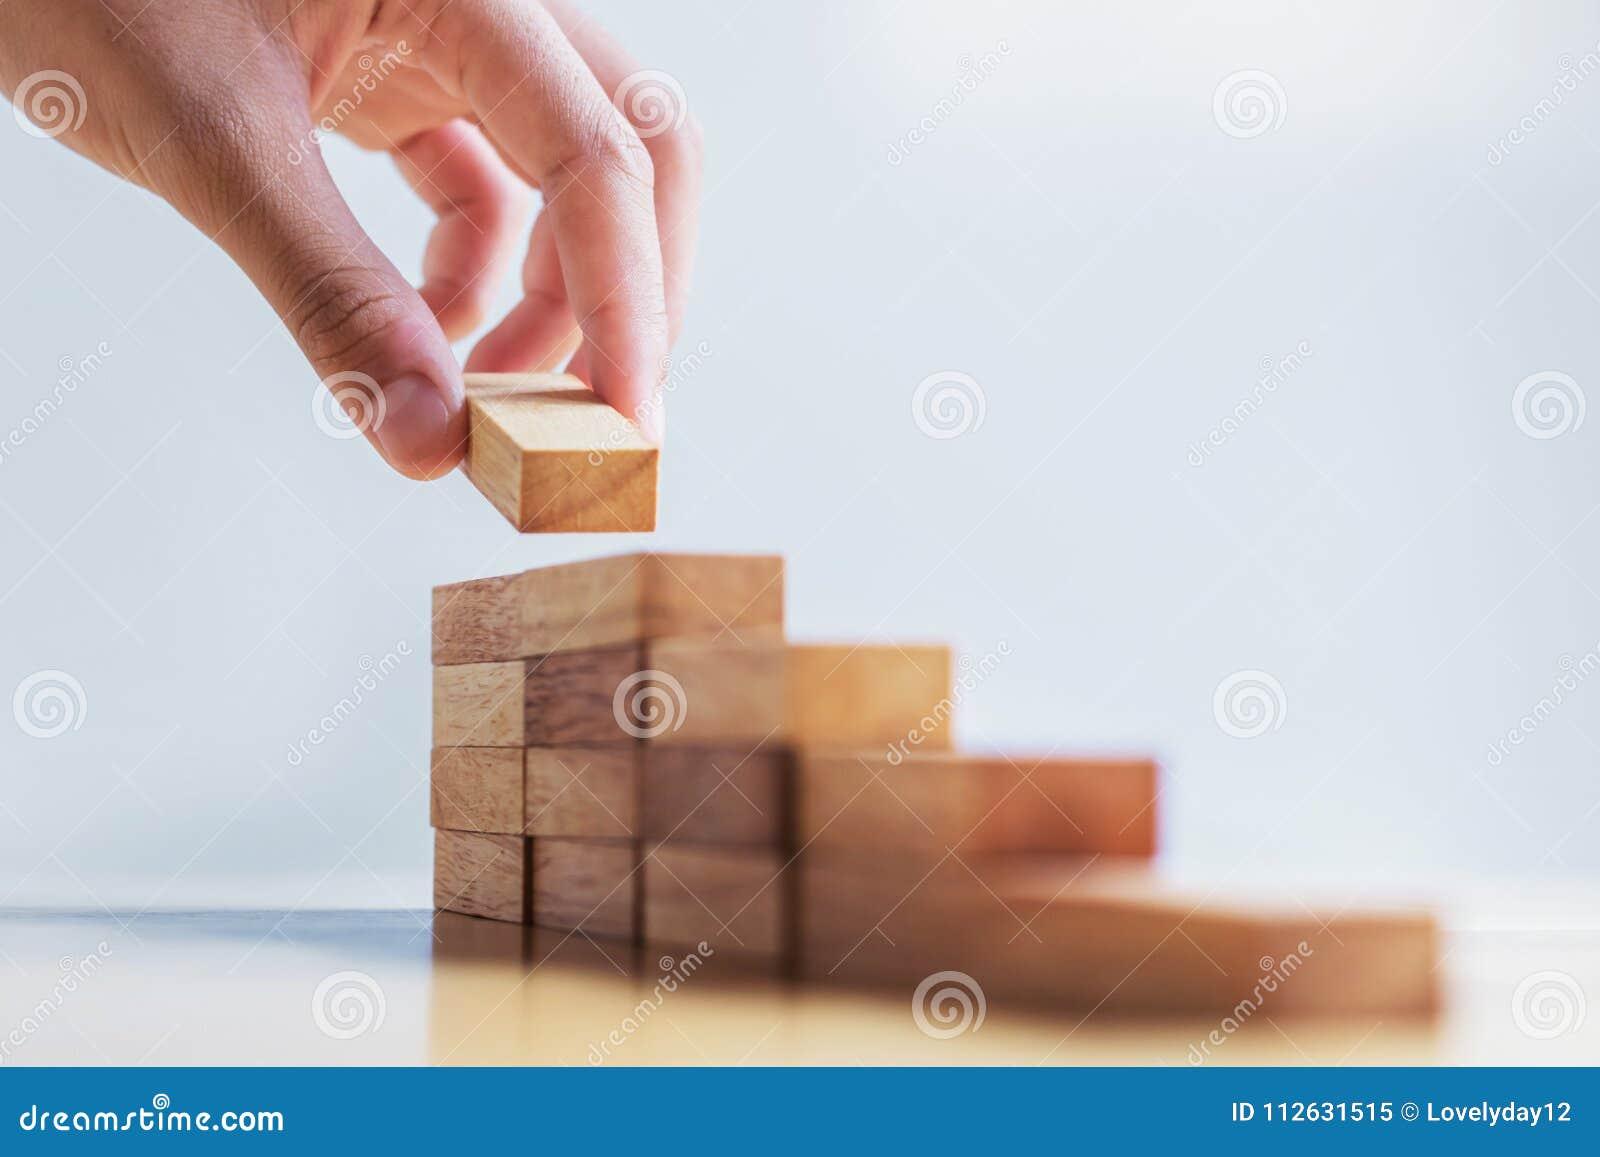 Handstapel-Holzblockschritt auf Tabelle conce der wirtschaftlichen Entwicklung